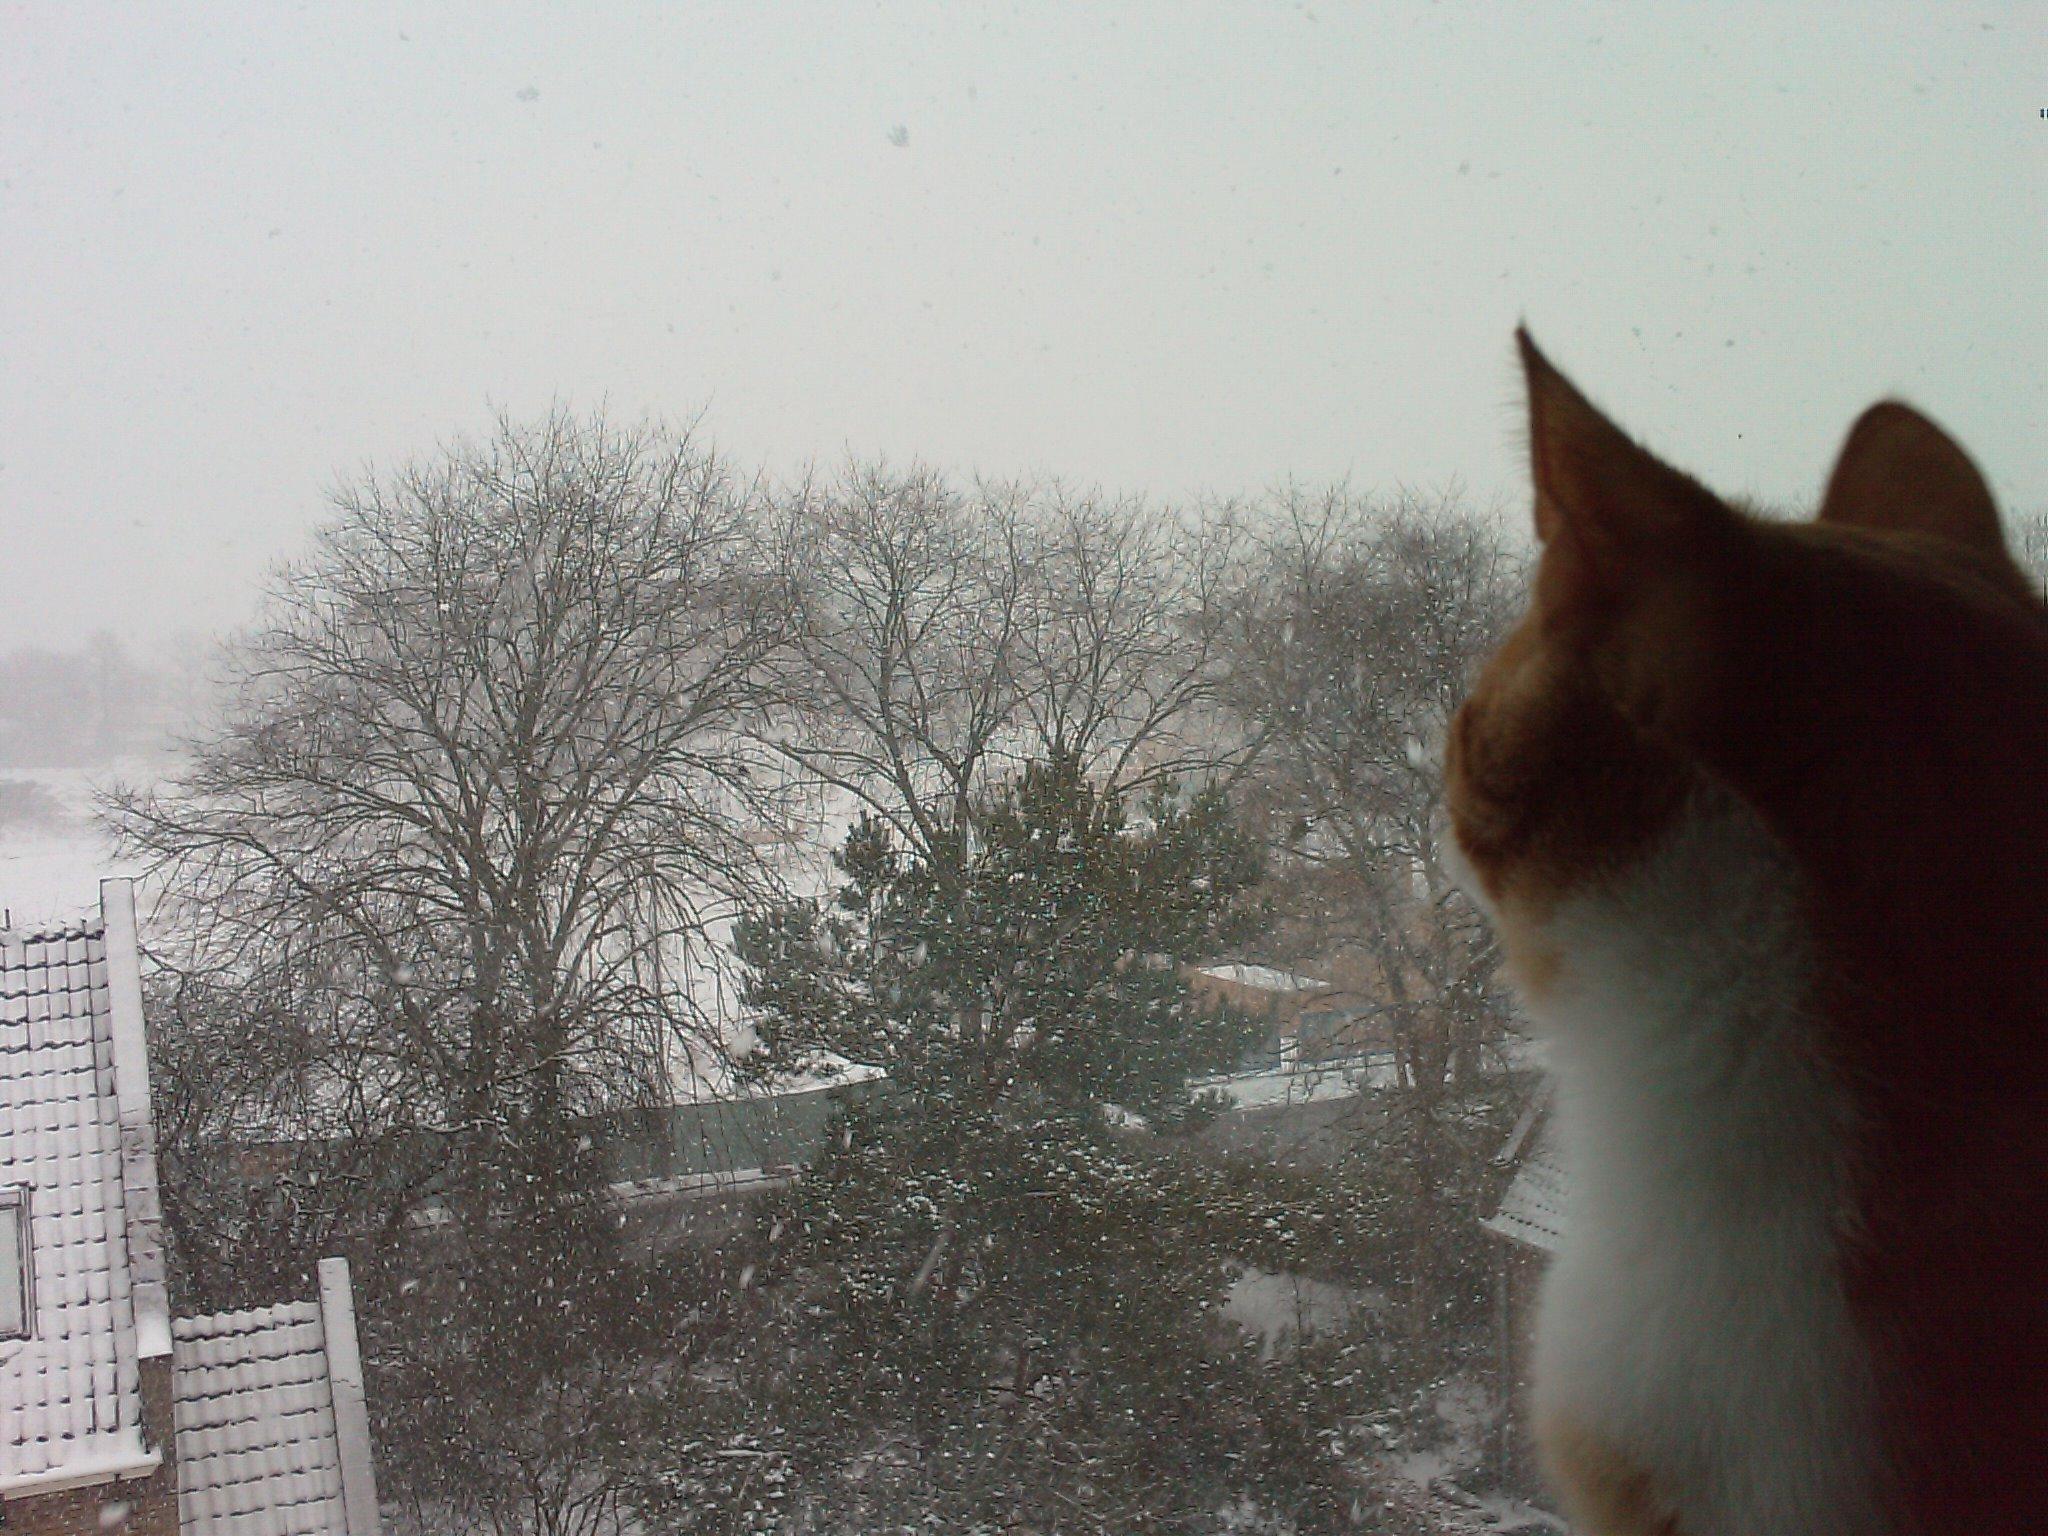 Sneeuw en Bliksem!